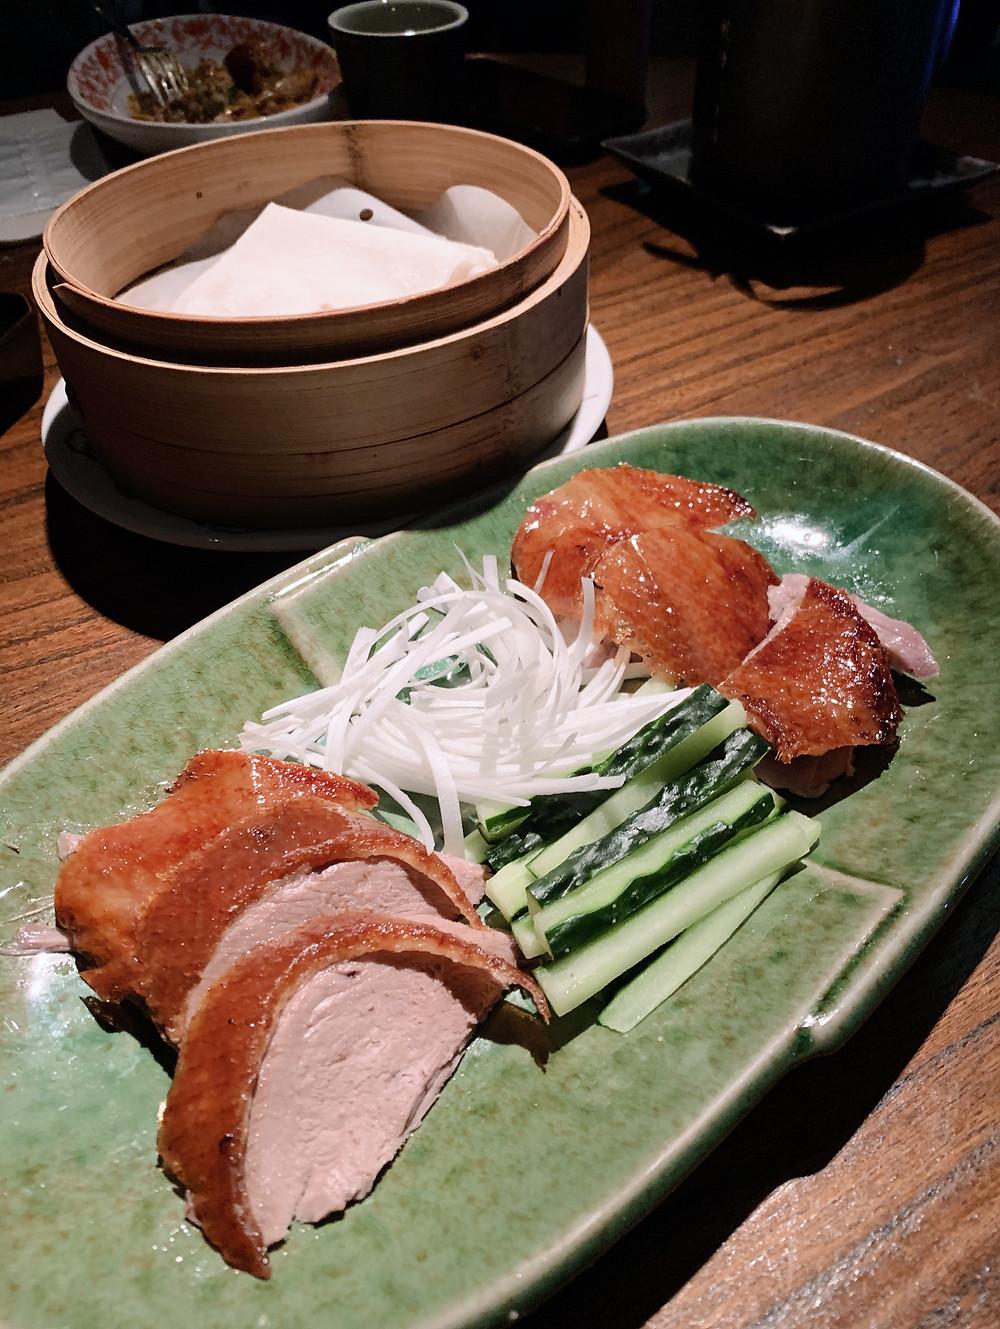 Duck at Hutong restaurant in Hong Kong